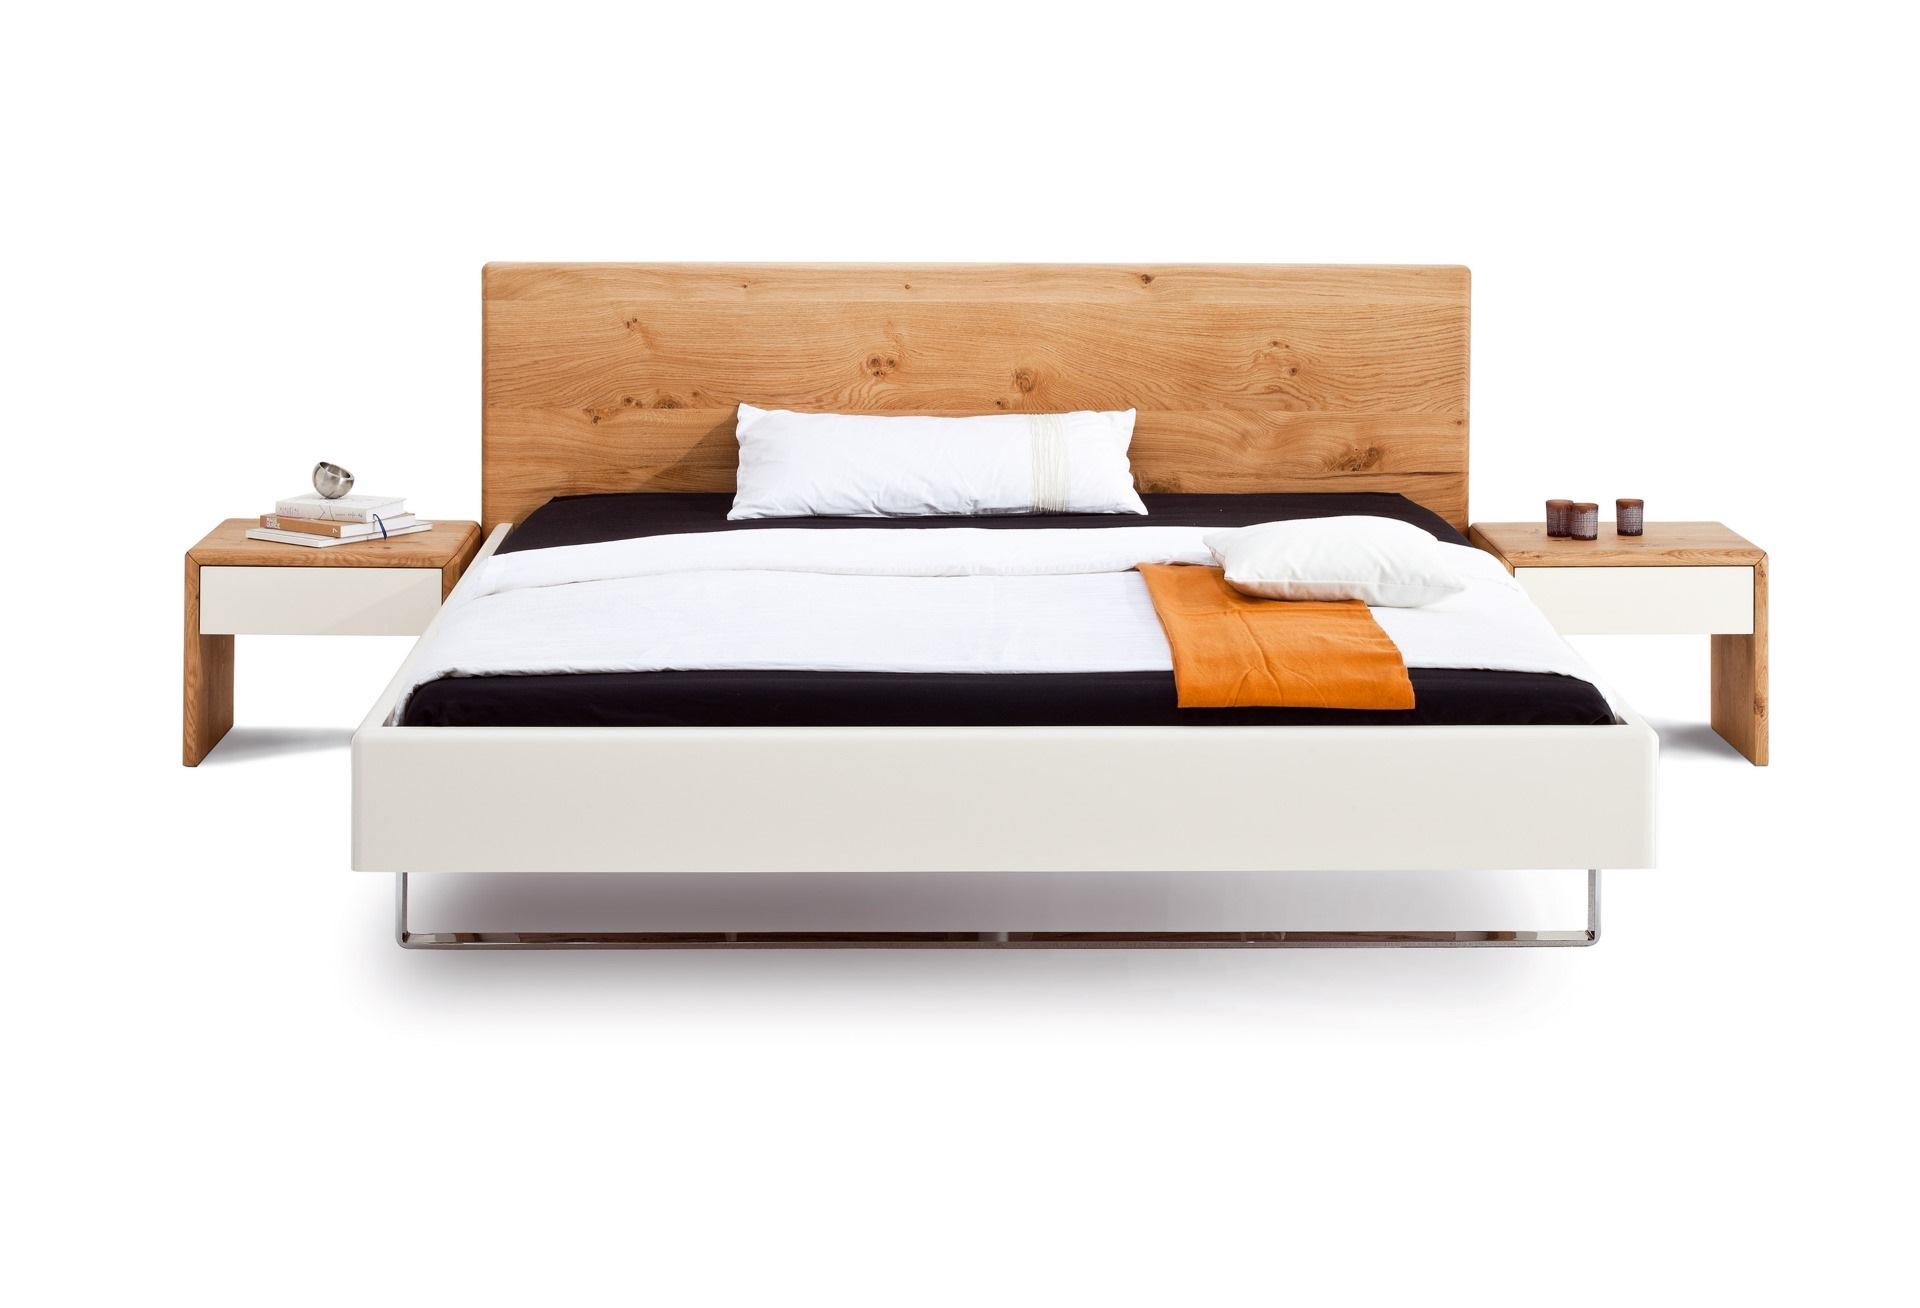 Bett Kendo mit weissen Seitenteilen